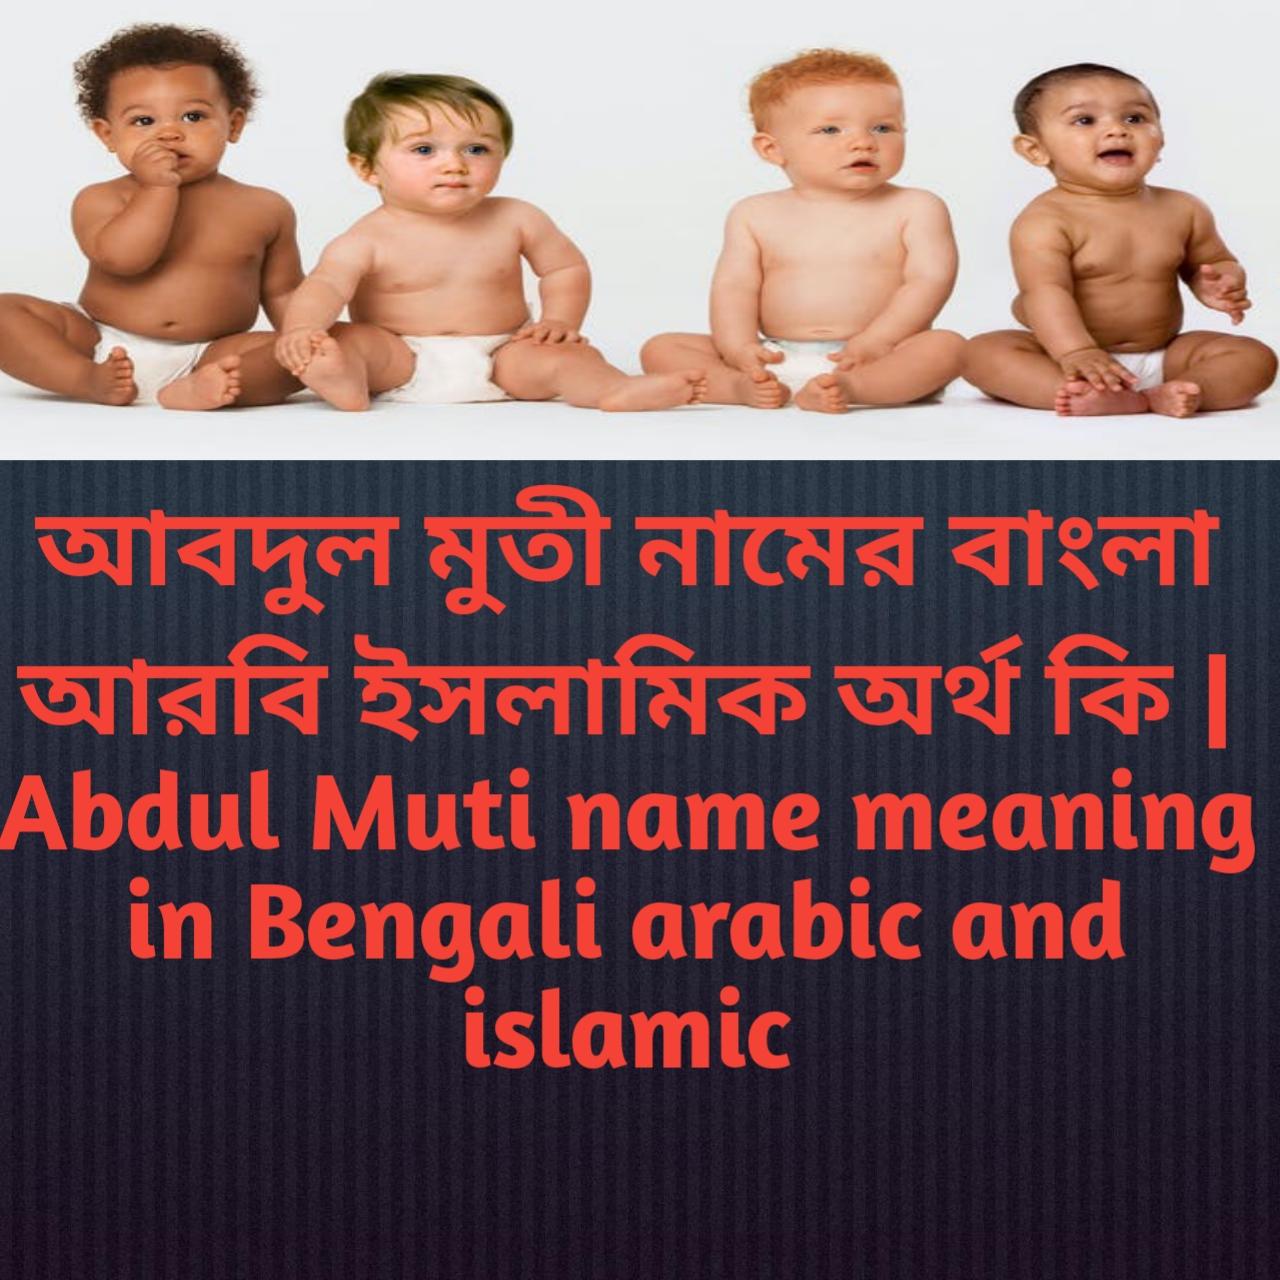 আবদুল মুতী নামের অর্থ কি, আবদুল মুতী নামের বাংলা অর্থ কি, আবদুল মুতী নামের ইসলামিক অর্থ কি, Abdul Muti name meaning in Bengali, আবদুল মুতী কি ইসলামিক নাম,